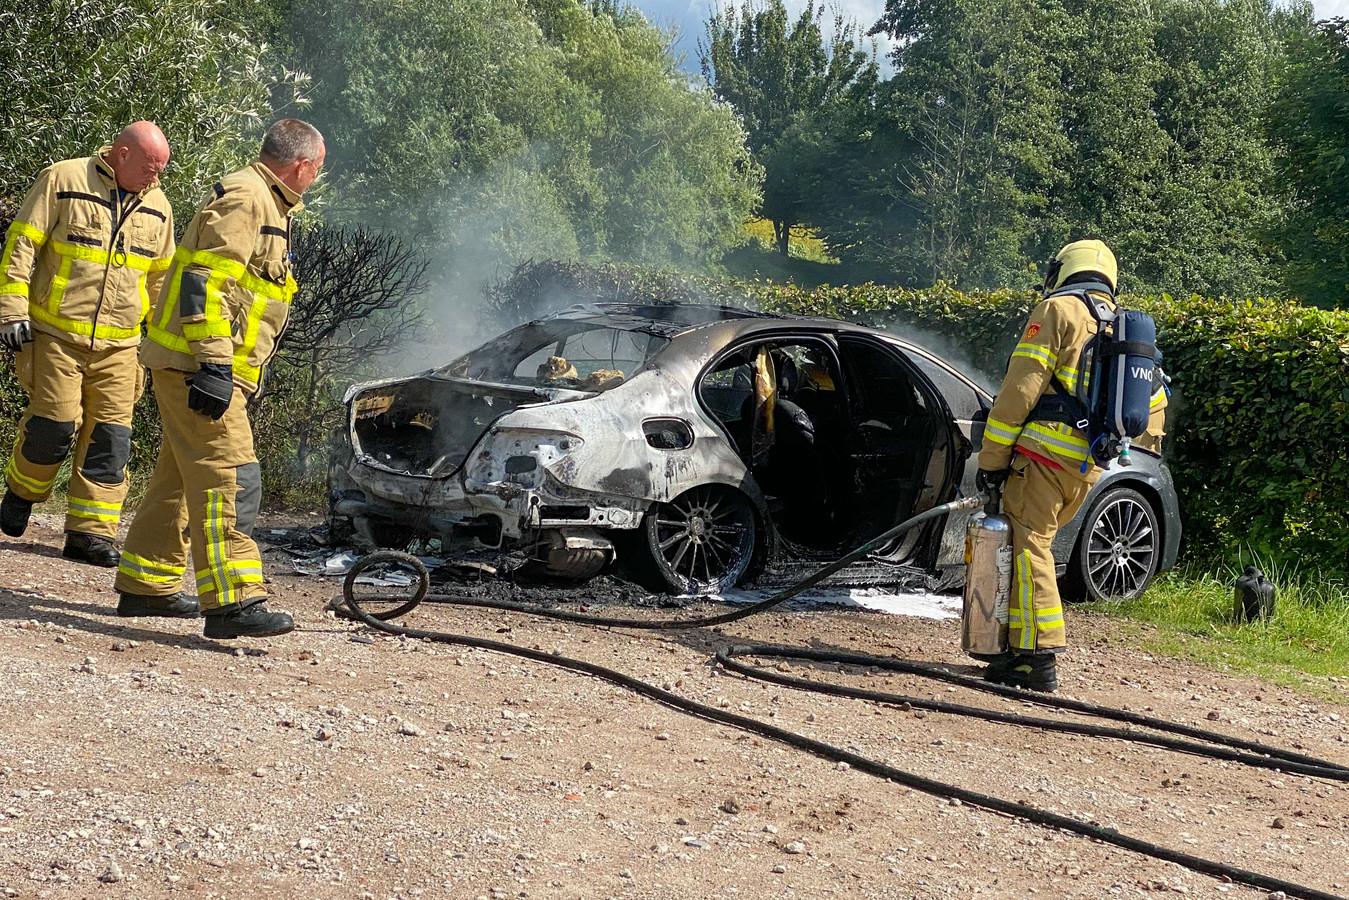 De brandweer in actie bij de volkomen uitgebrande auto.